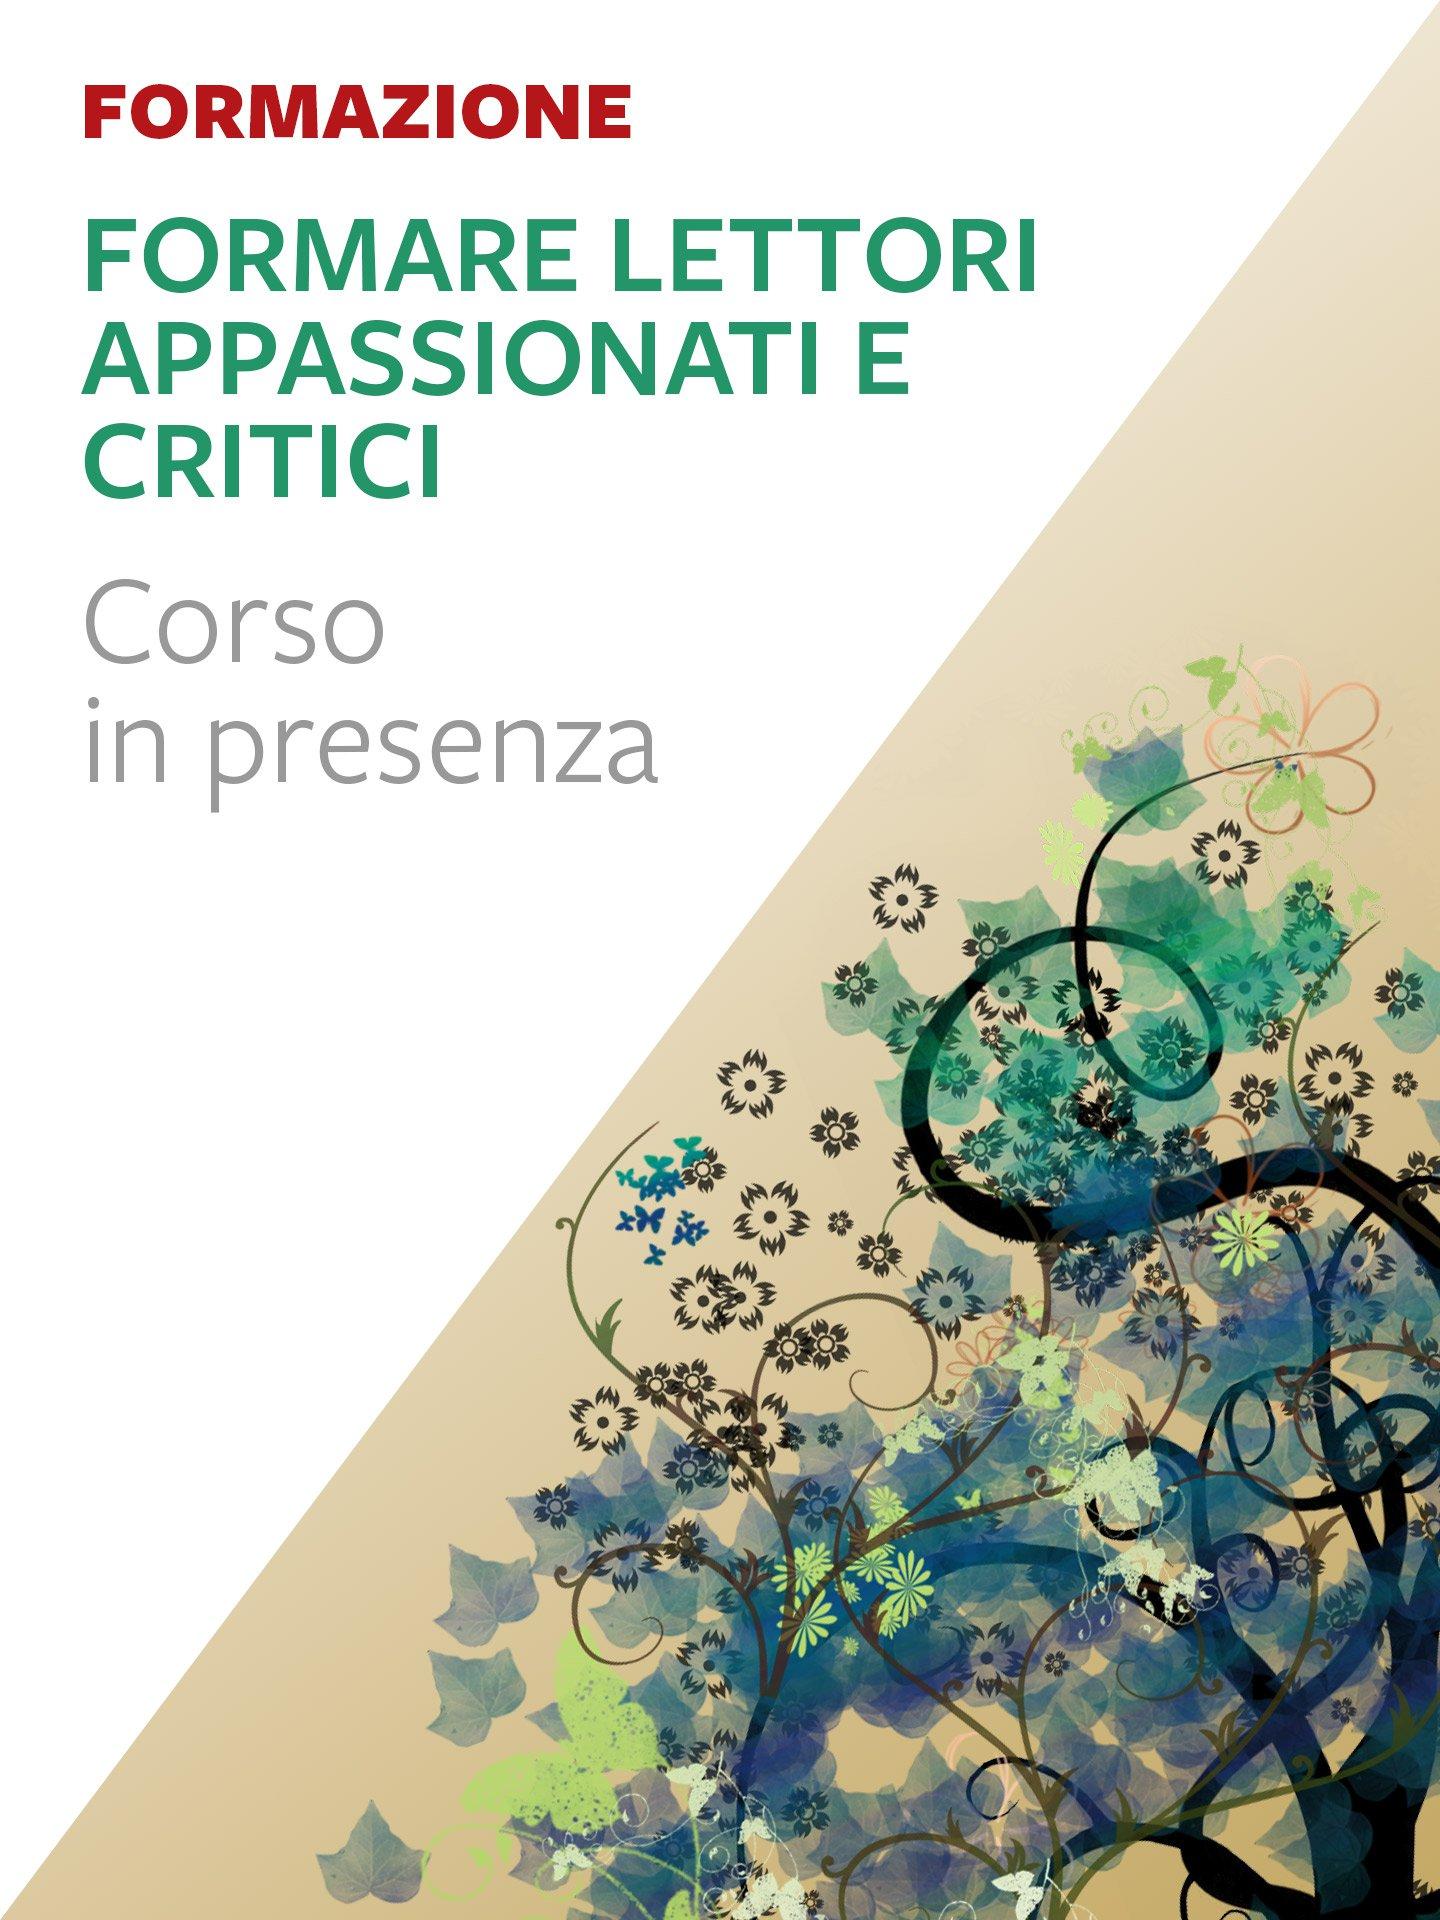 Formare lettori appassionati e critici - Erickson: libri e formazione per didattica, psicologia e sociale